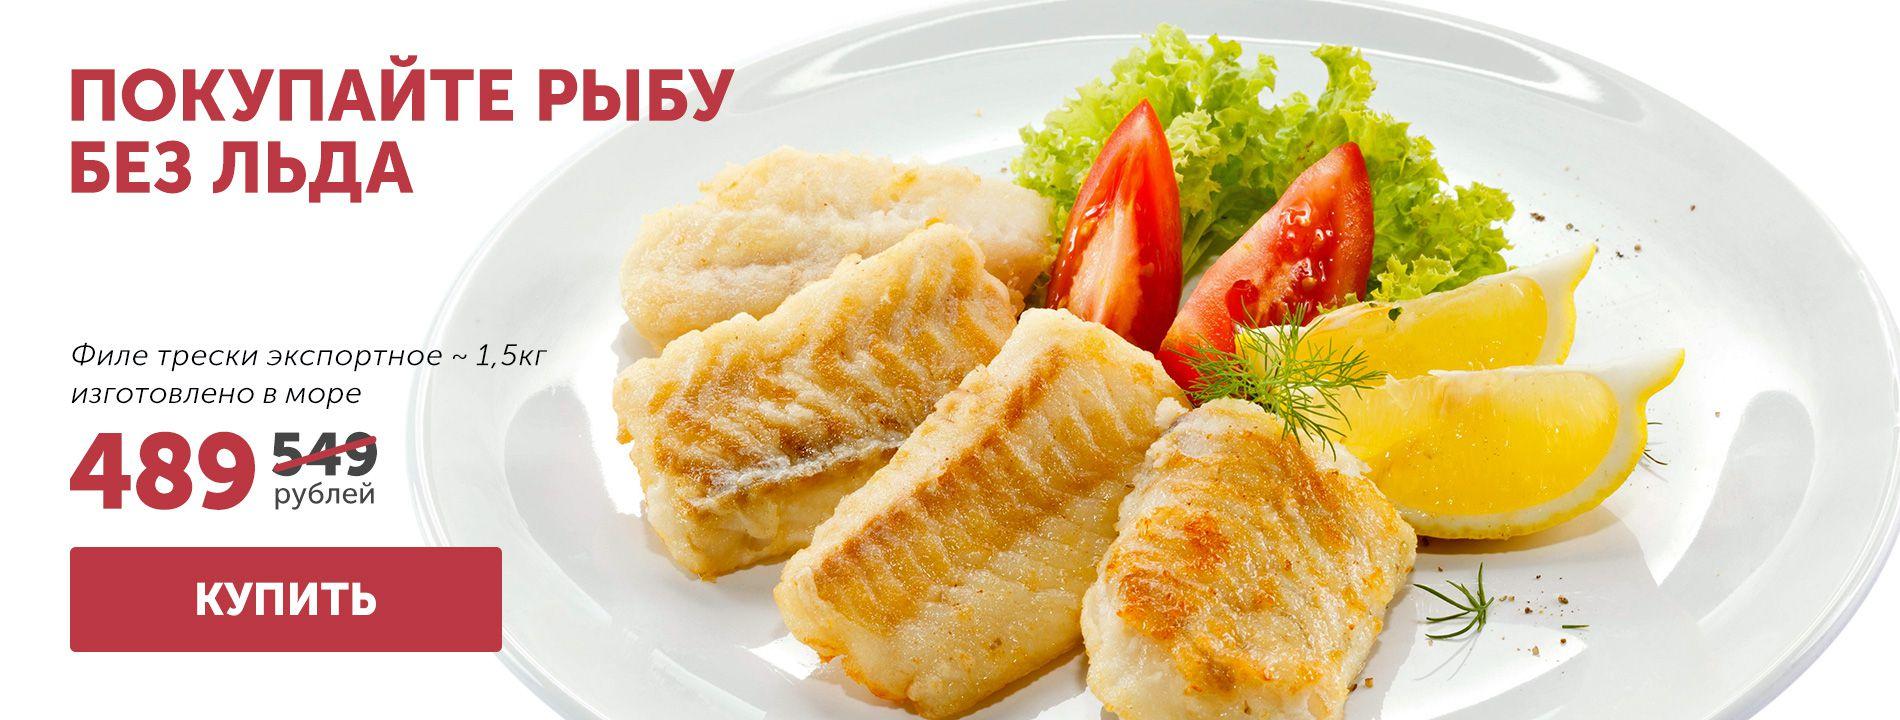 покупайте рыбу без льда Деликатесска delikateska.ru